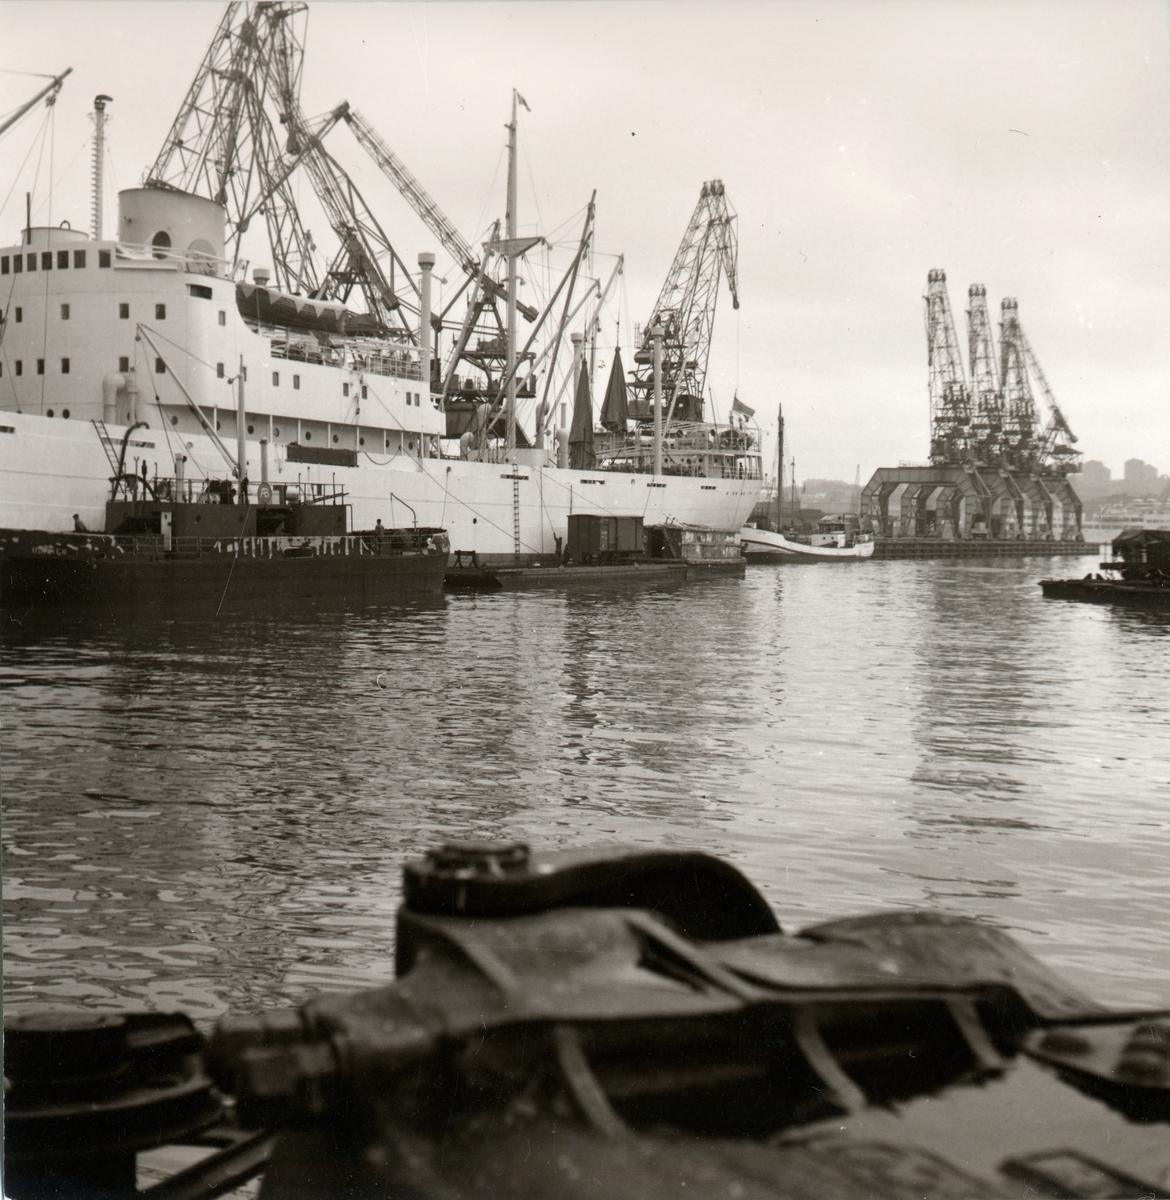 Göteborgs hamn. Pråmar försedda med räls för transport av smalspåriga godsvagnar till och från fartyg och industrier vid Göteborgs hamn.